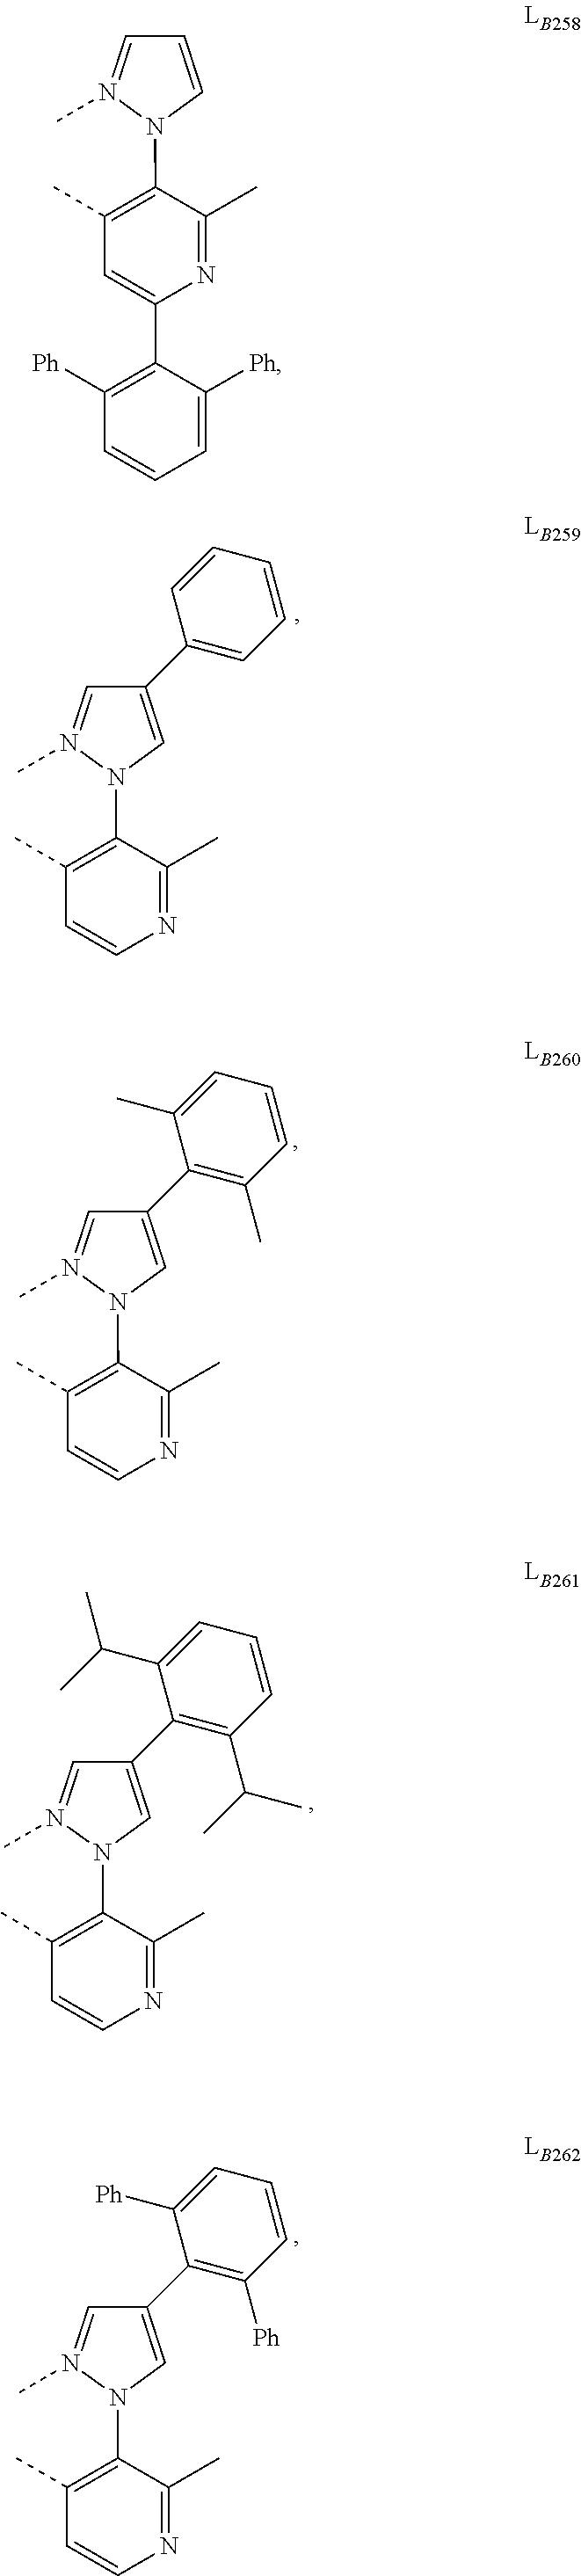 Figure US09905785-20180227-C00162